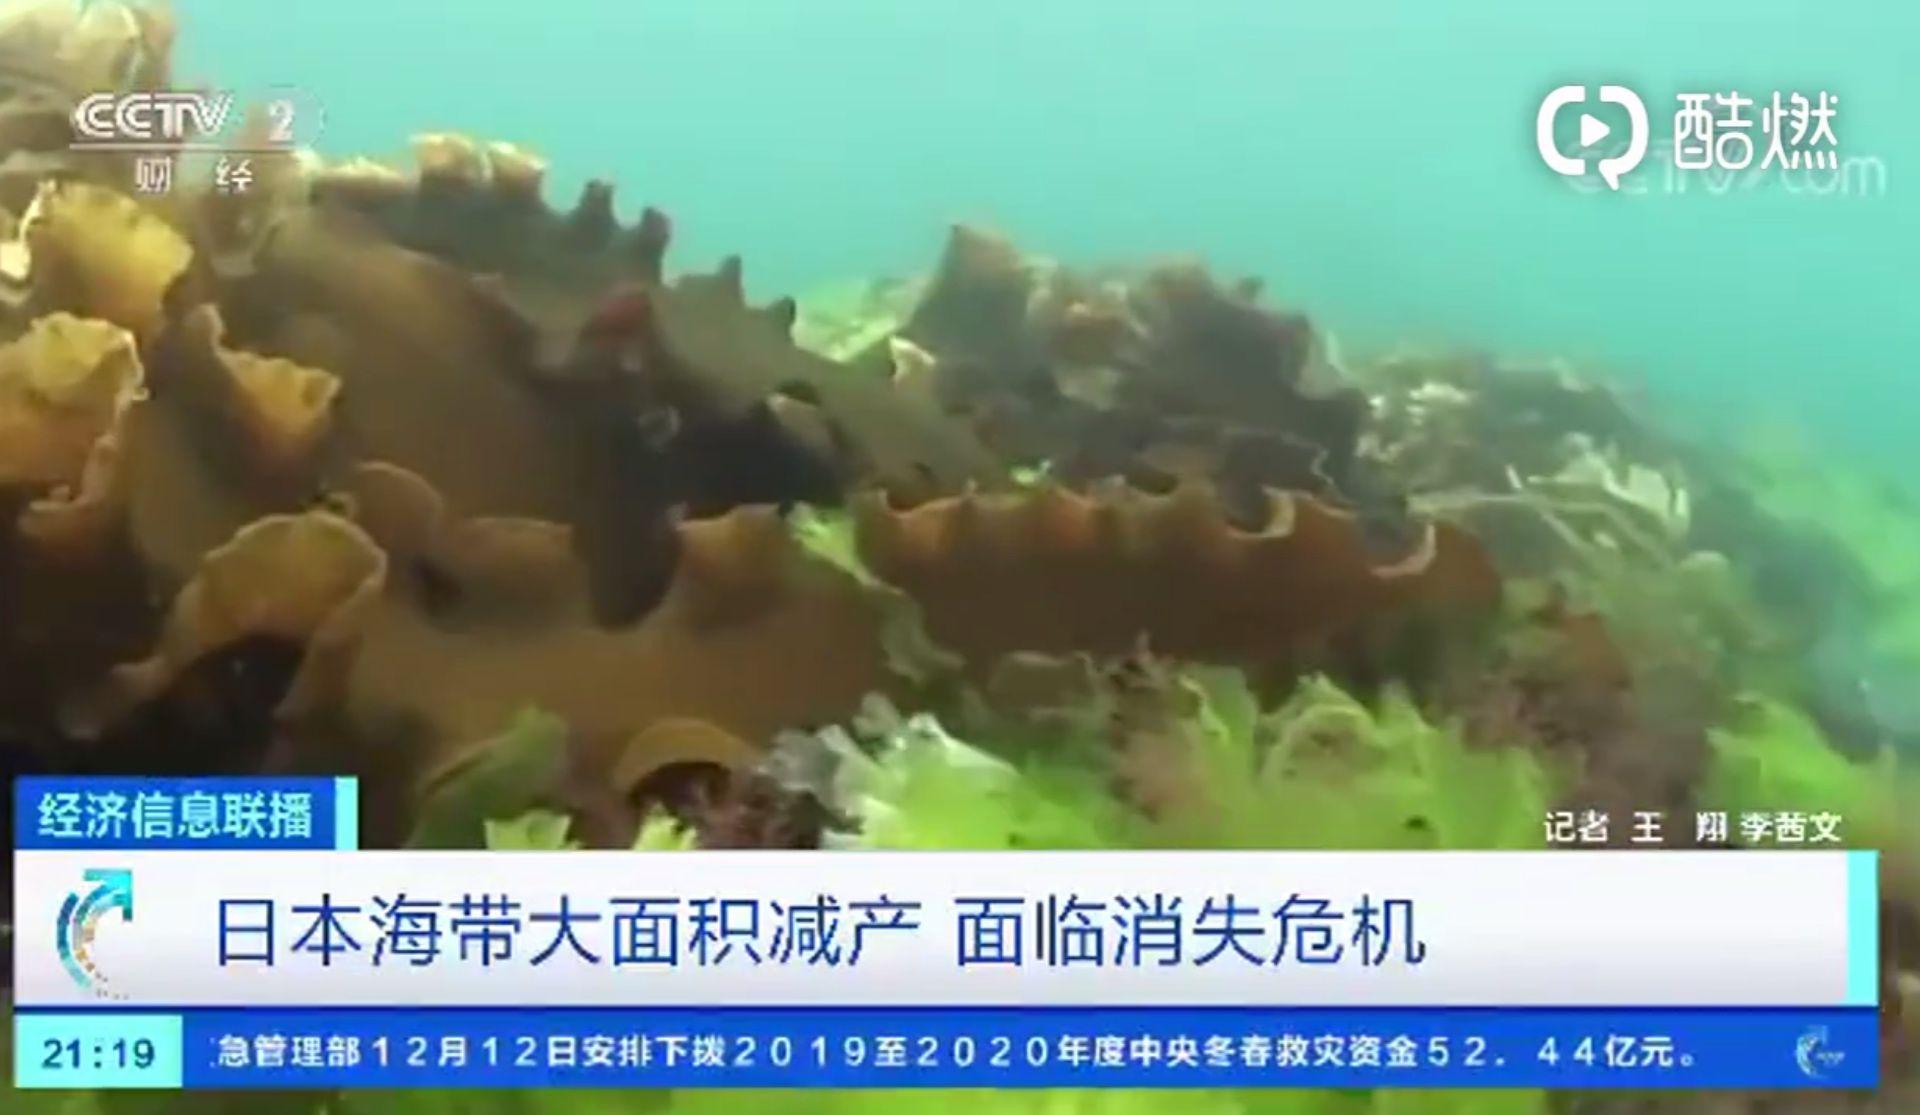 好吃│再不保护环境,好吃有营养的海带可能要消失了